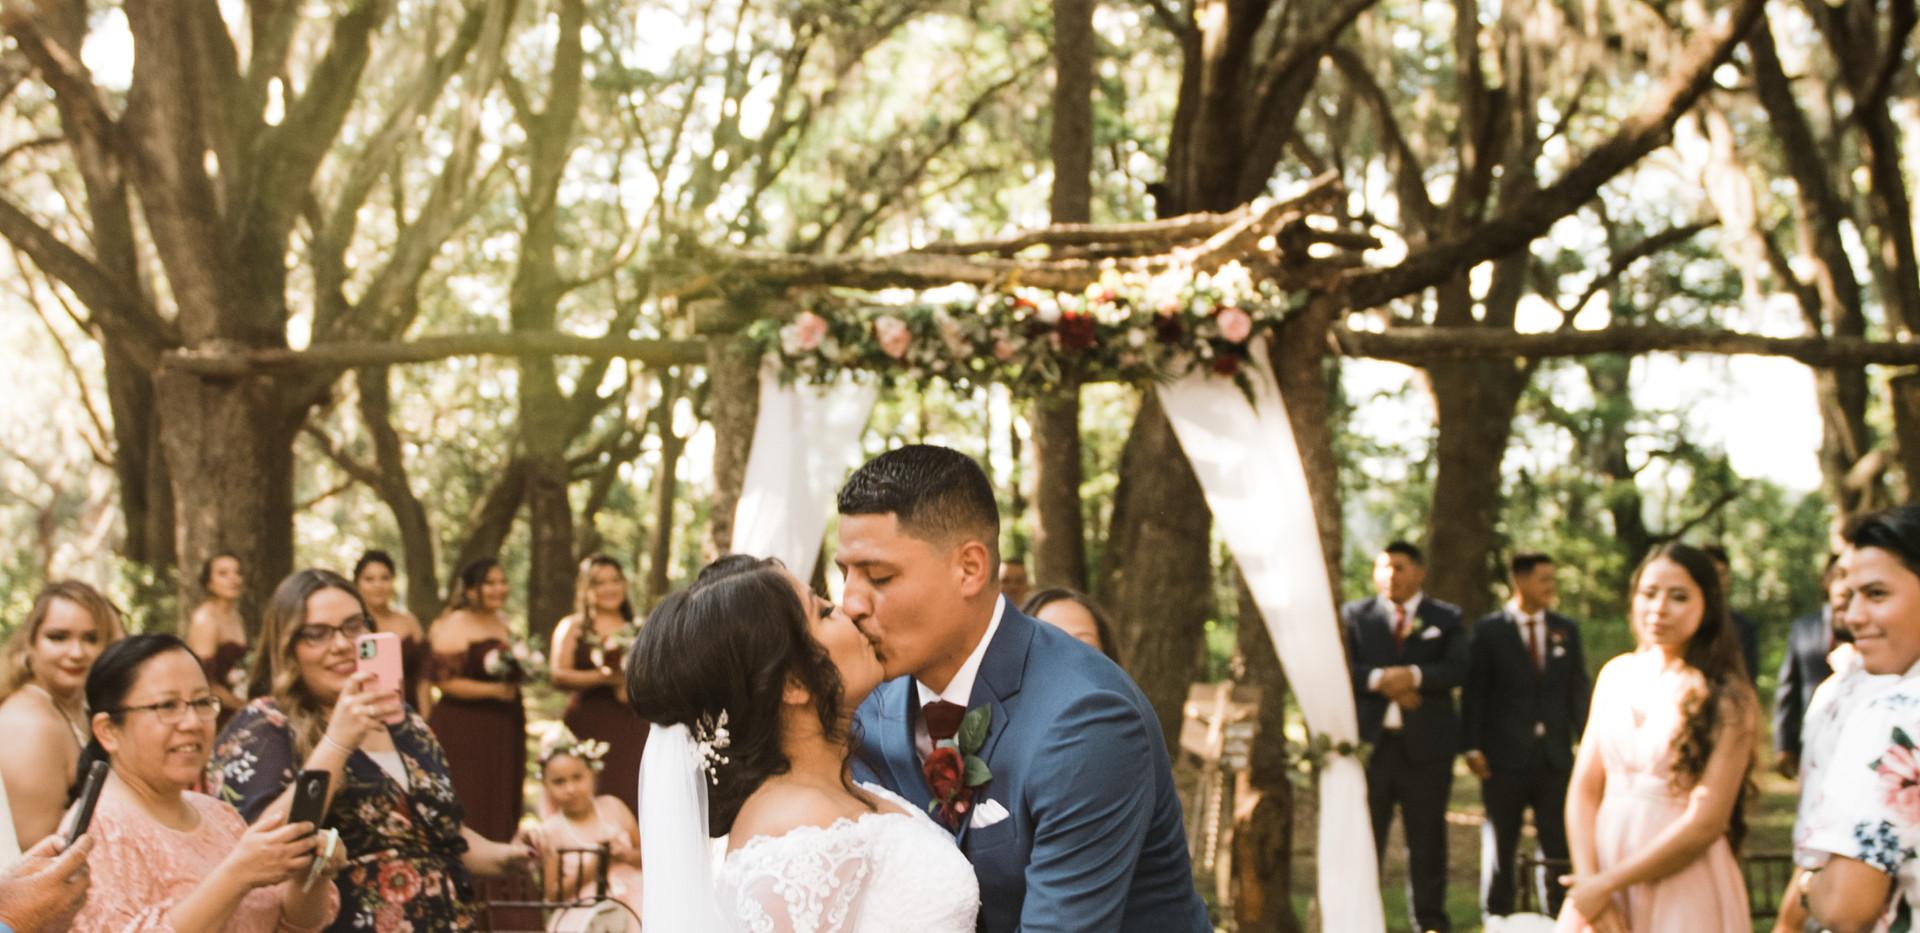 ceremony-chrissyannphotography-62.jpg